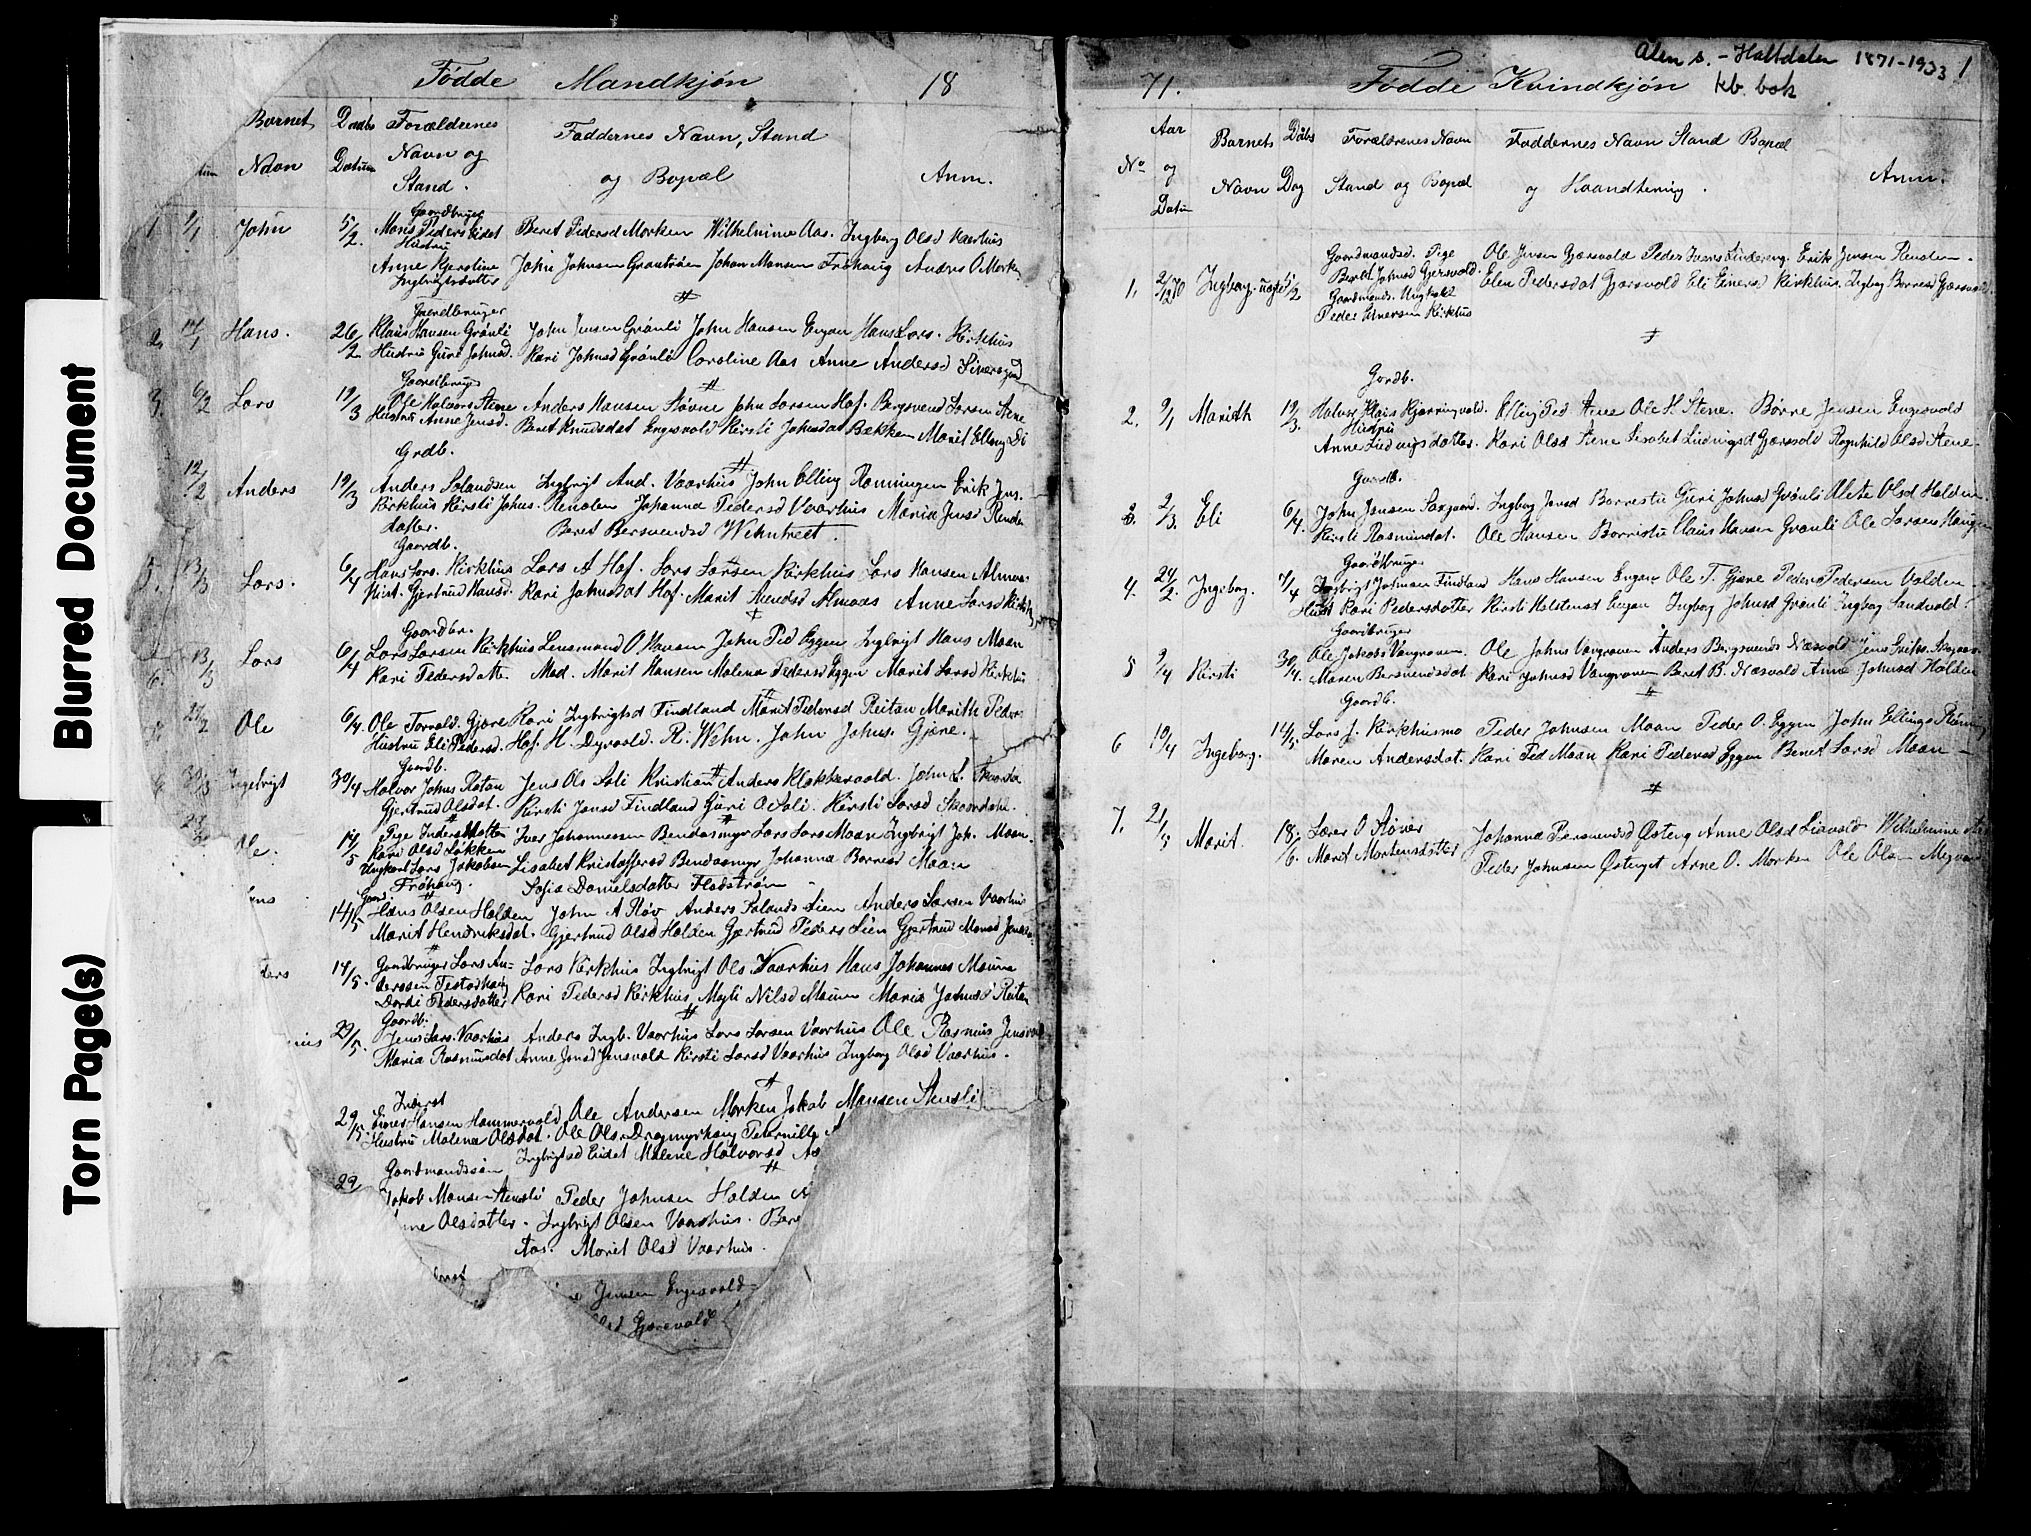 SAT, Ministerialprotokoller, klokkerbøker og fødselsregistre - Sør-Trøndelag, 686/L0985: Klokkerbok nr. 686C01, 1871-1933, s. 1